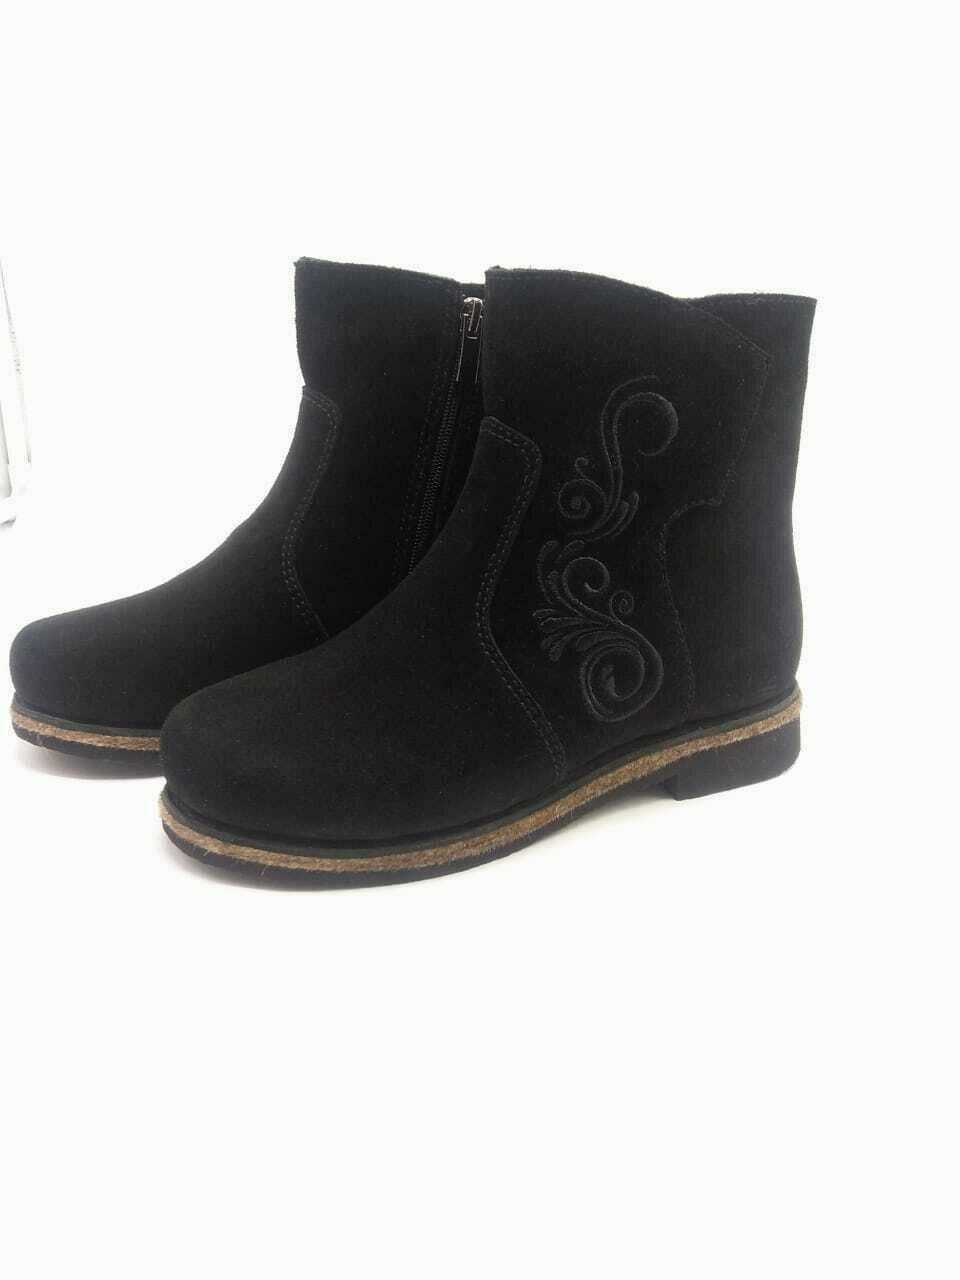 39 Унты-ботиночки женские на молнии из замши